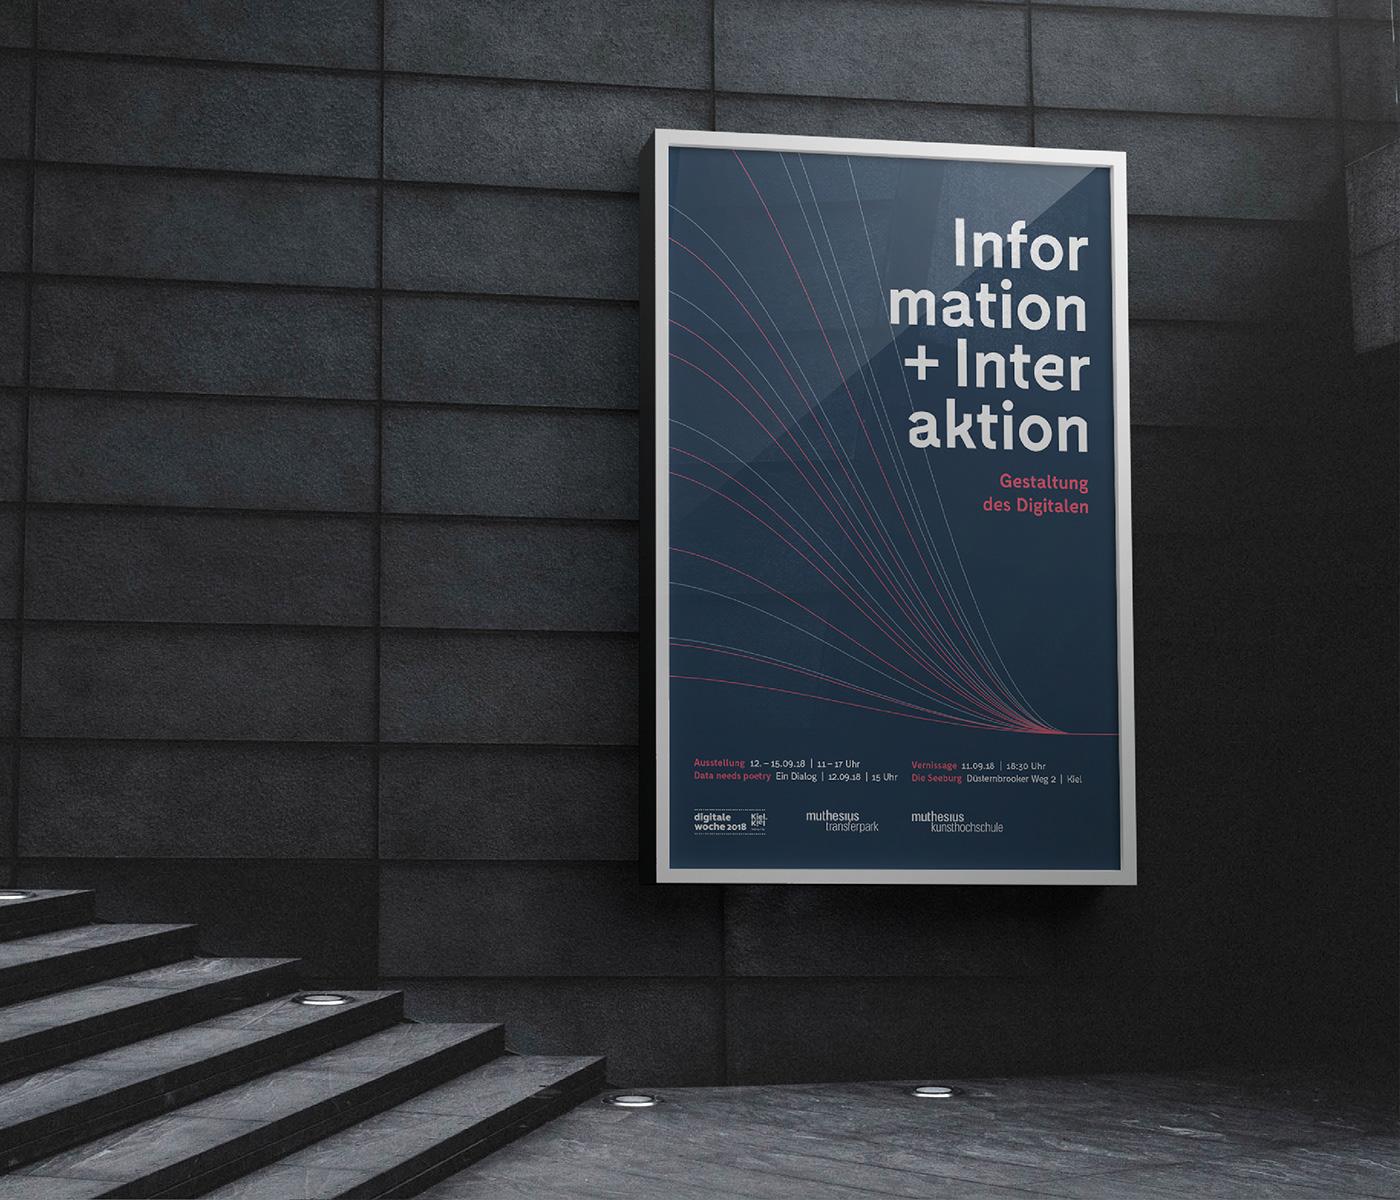 conference Data digital digitale woche digitalization information interaction Kiel Poetry  kieler woche